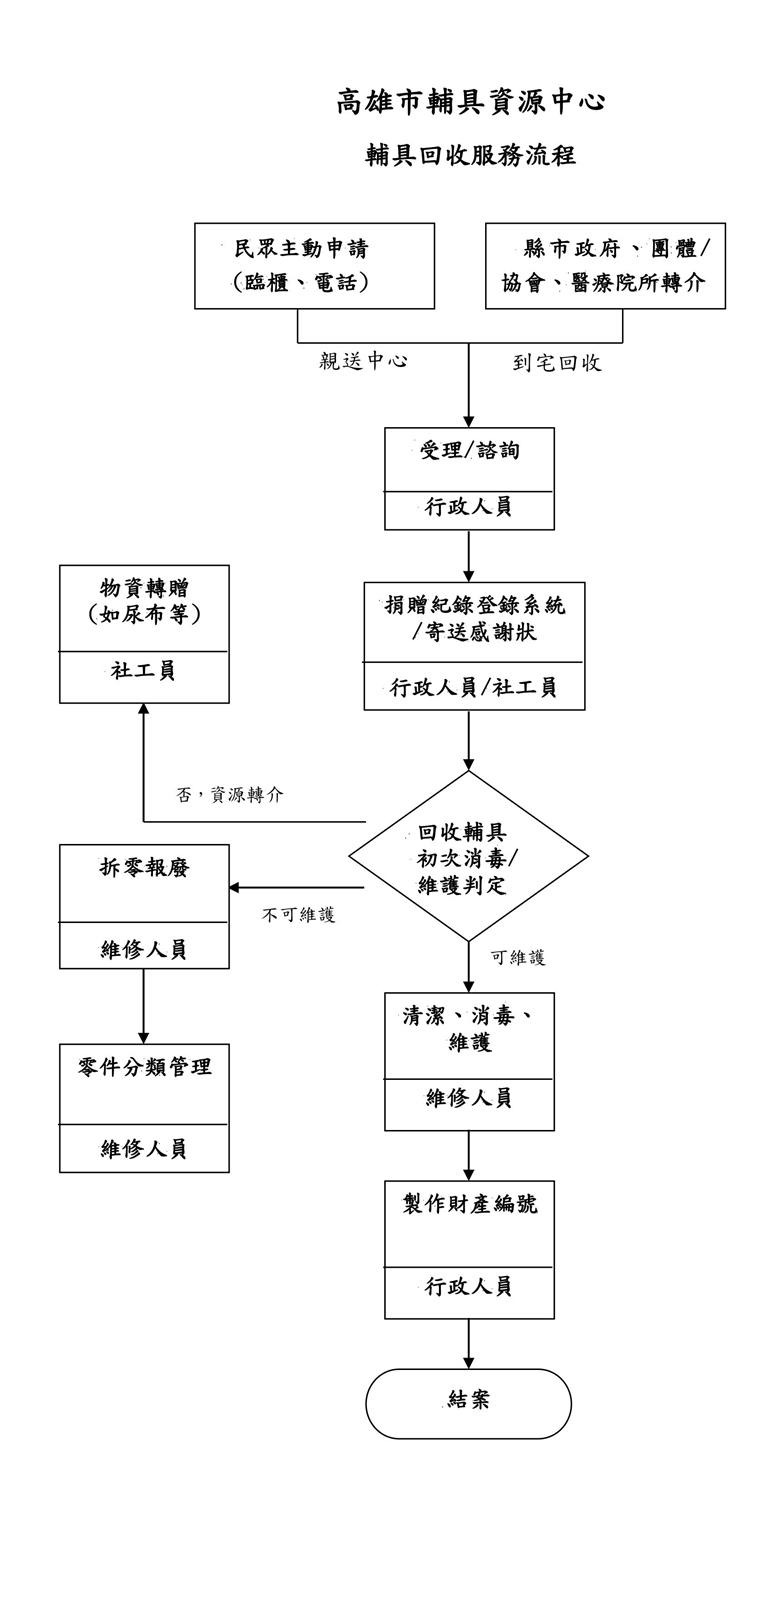 輔具回收服務流程圖